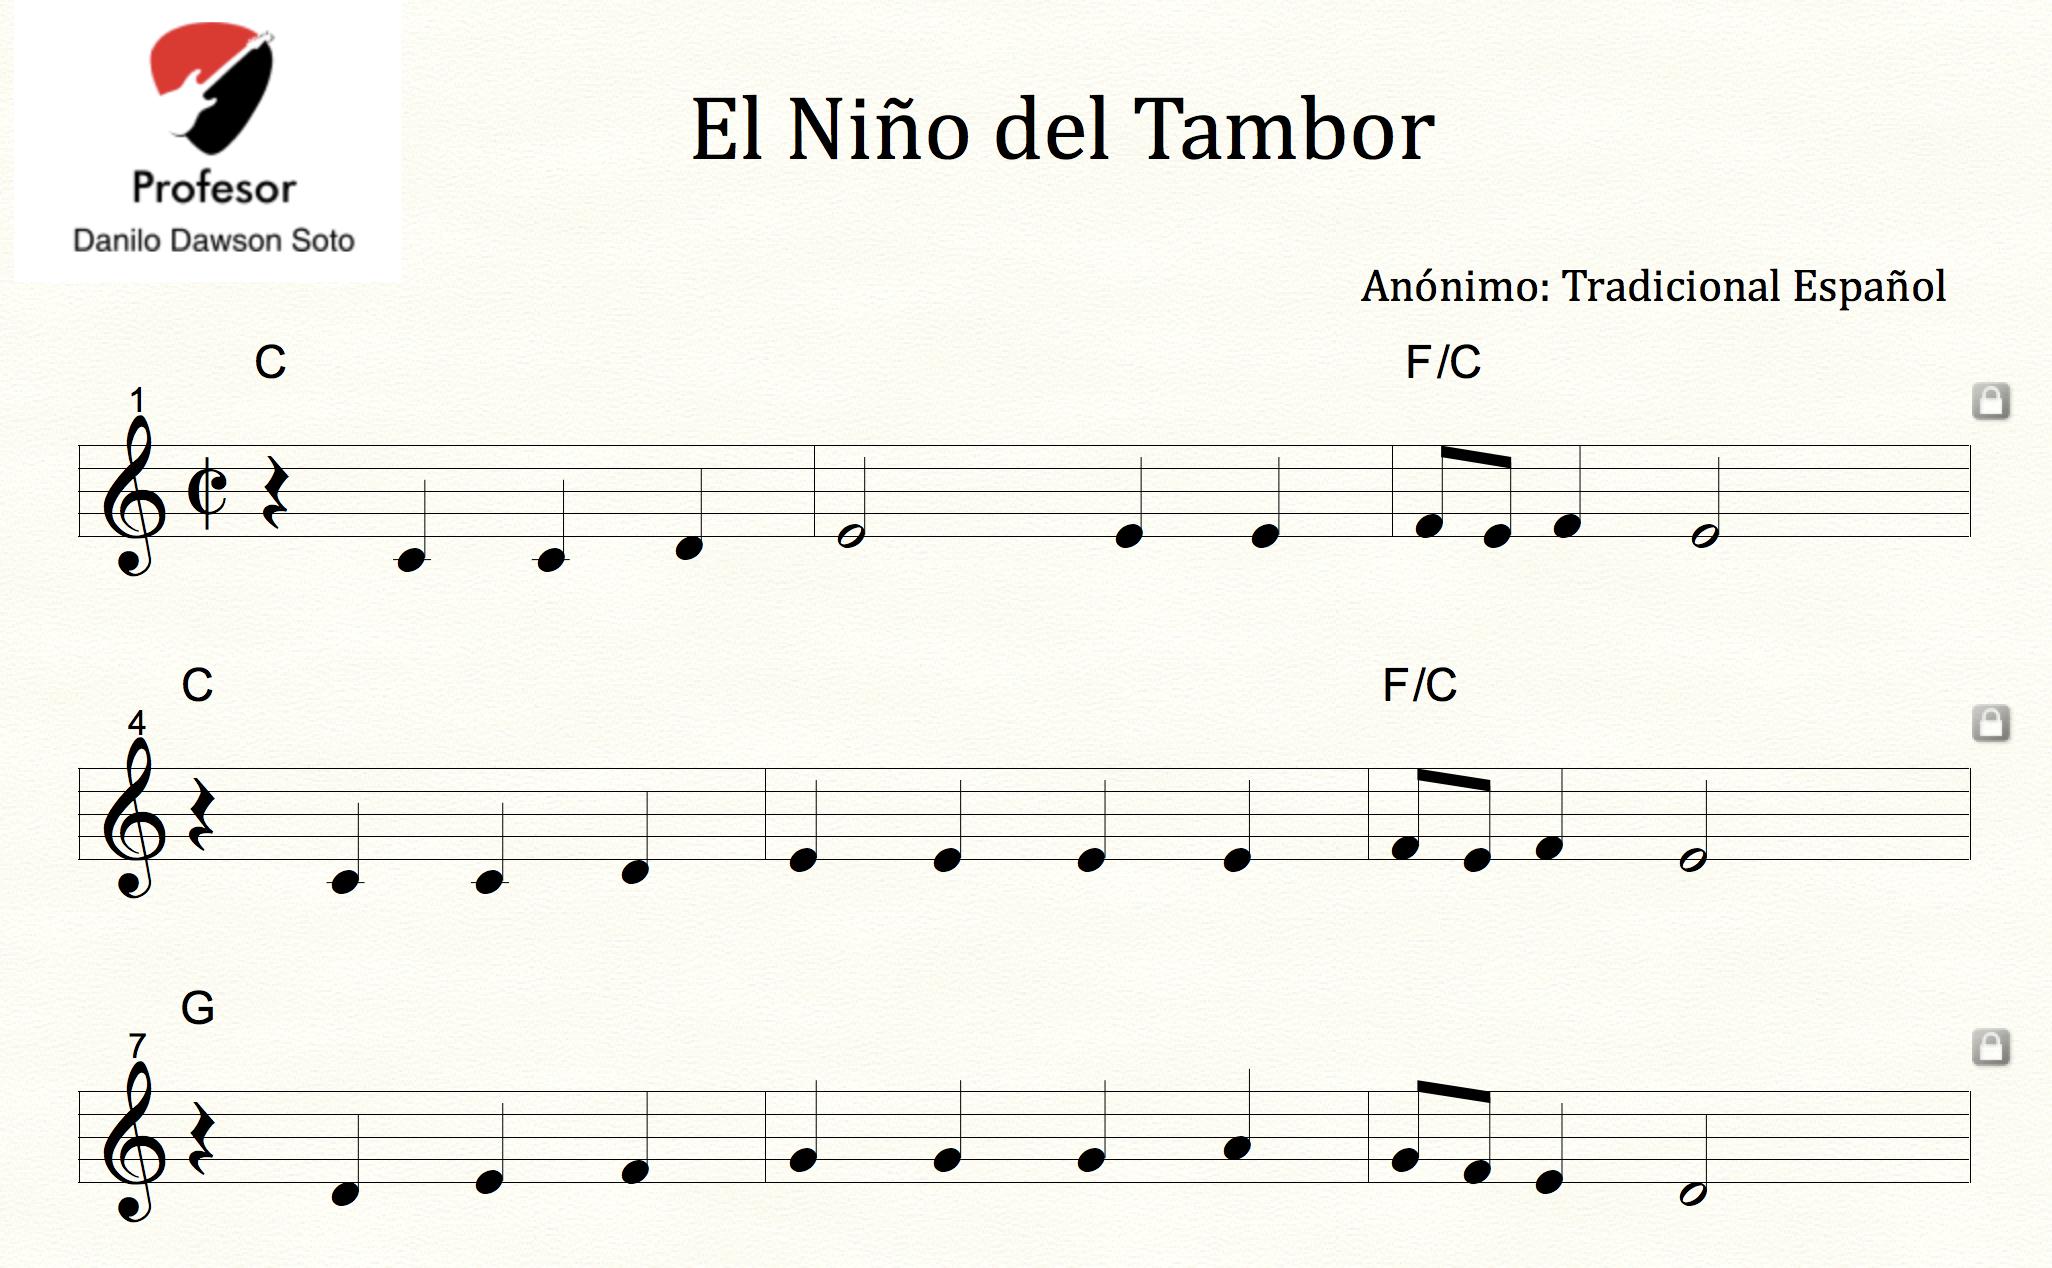 Partitura El Niño Del Tambor Villancico Tradicional Español Payhip